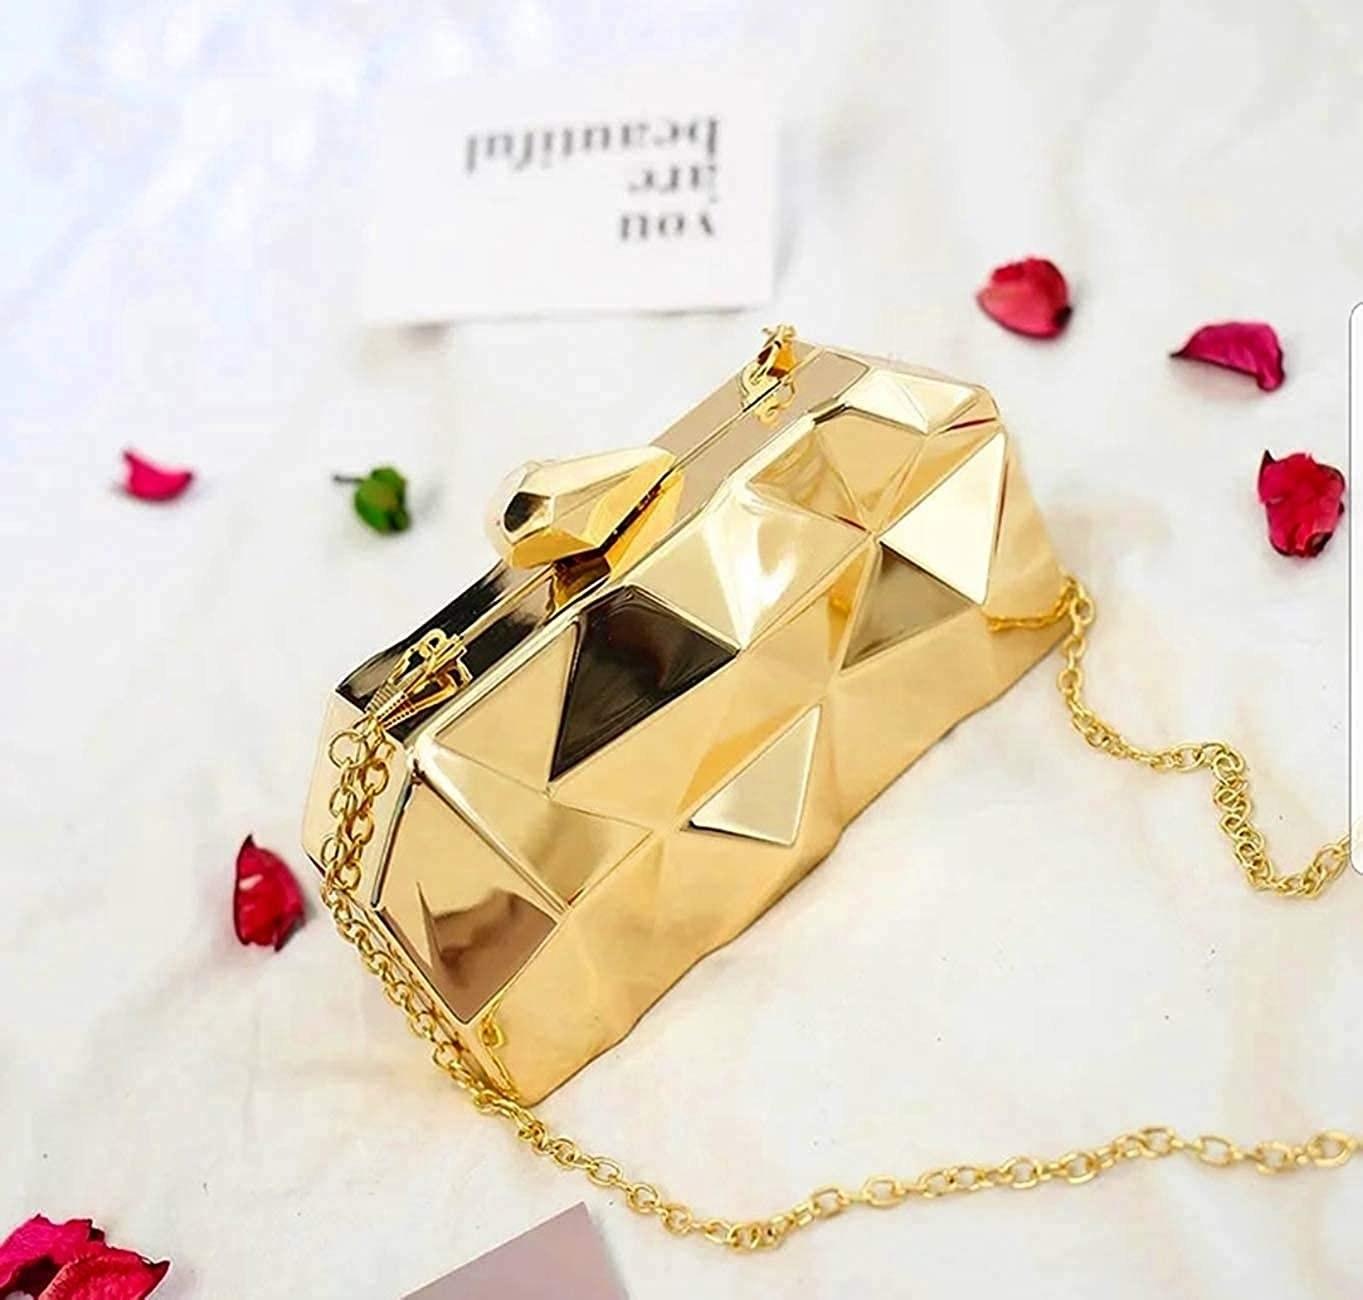 A golden clutch next to rose petals